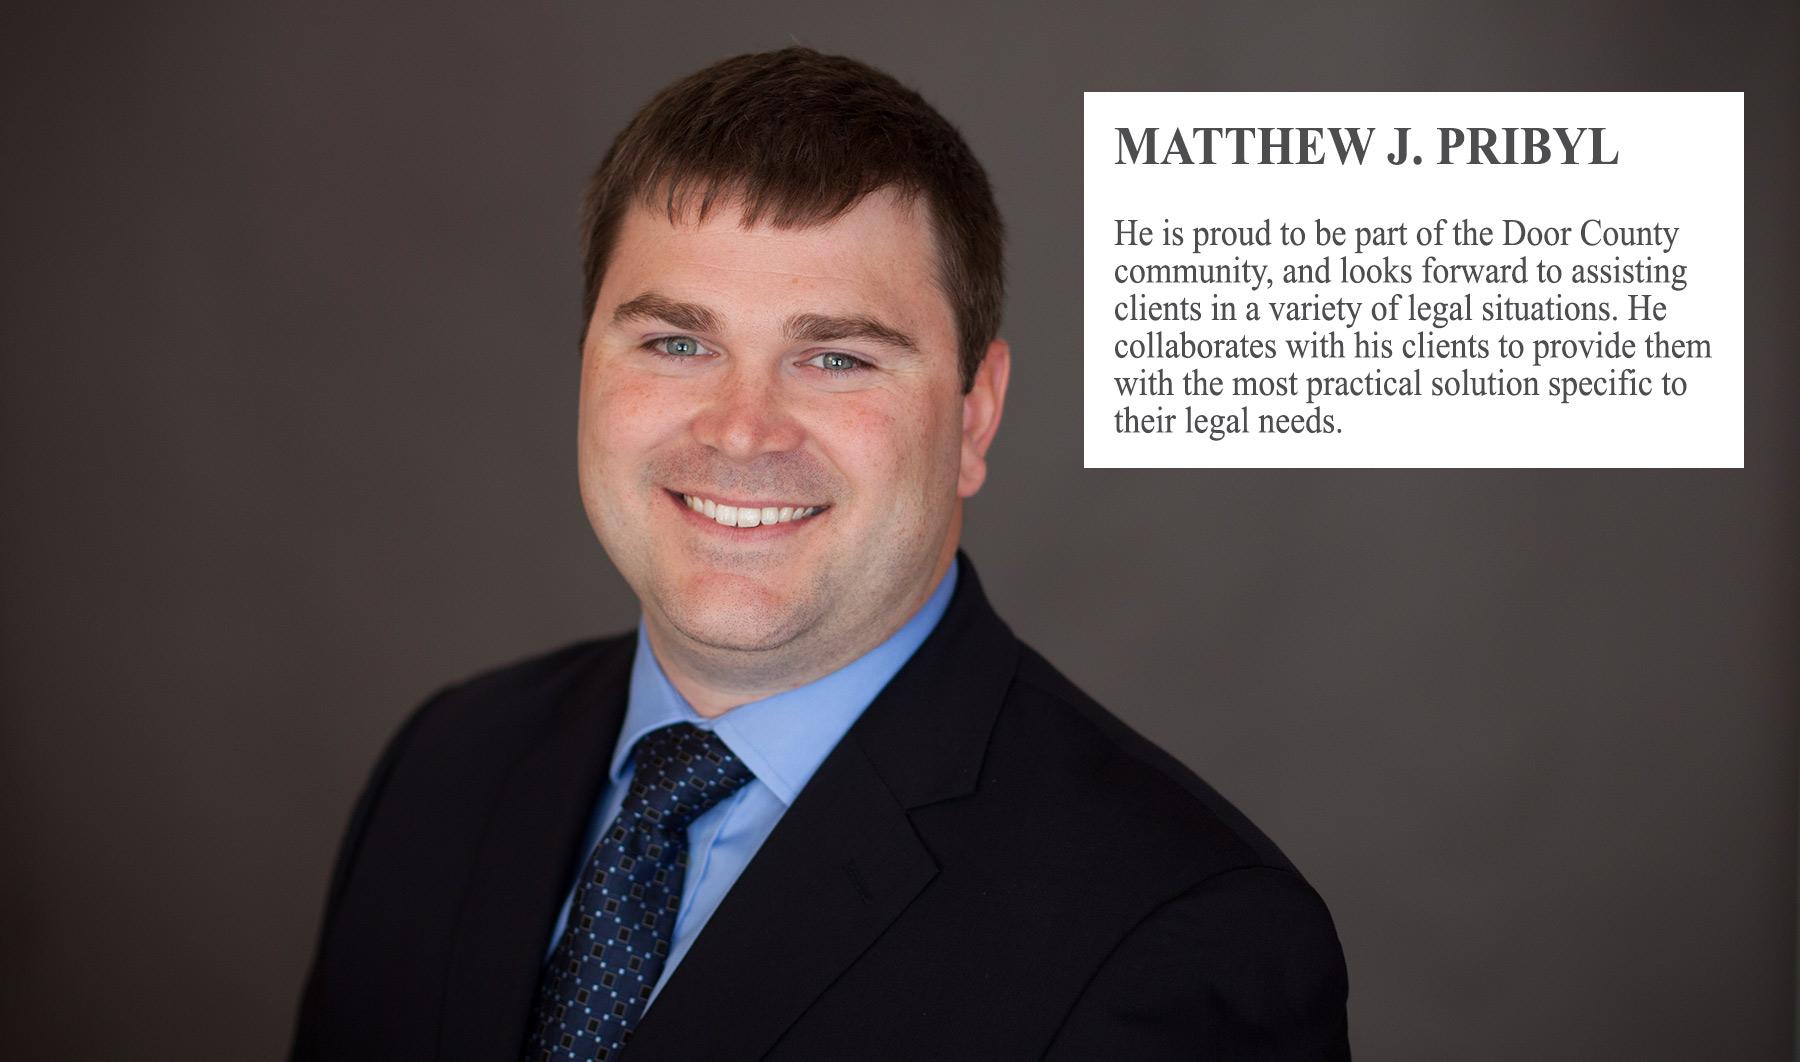 Matthew Pribyl